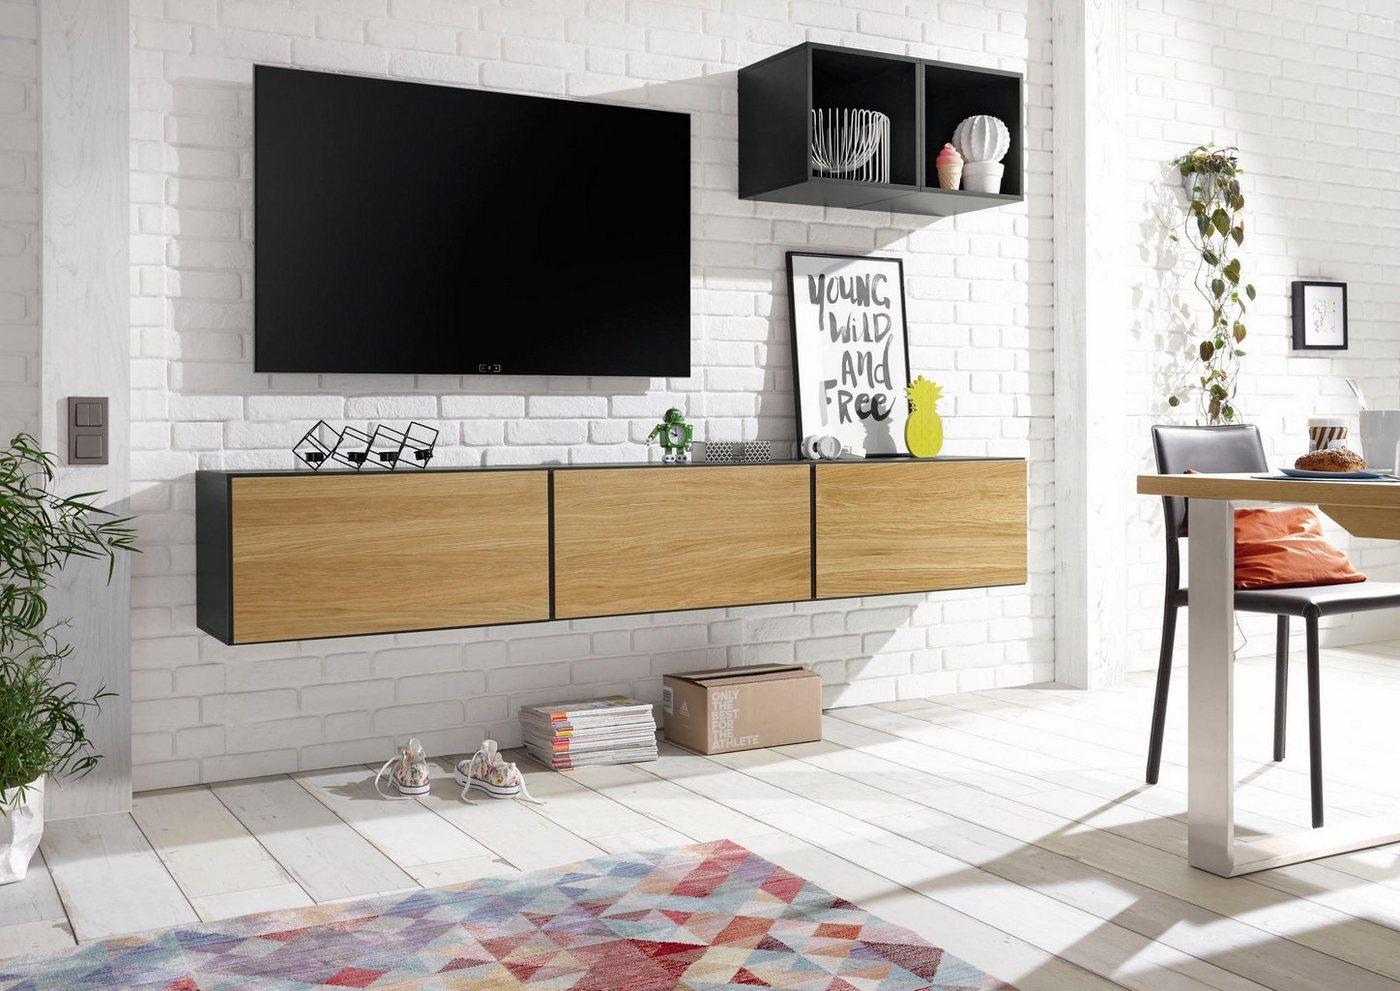 esszimmermobel von hulsta, 5% sparen - hülsta now to go tv-lowboard - nur 614,99€ | cherry, Design ideen